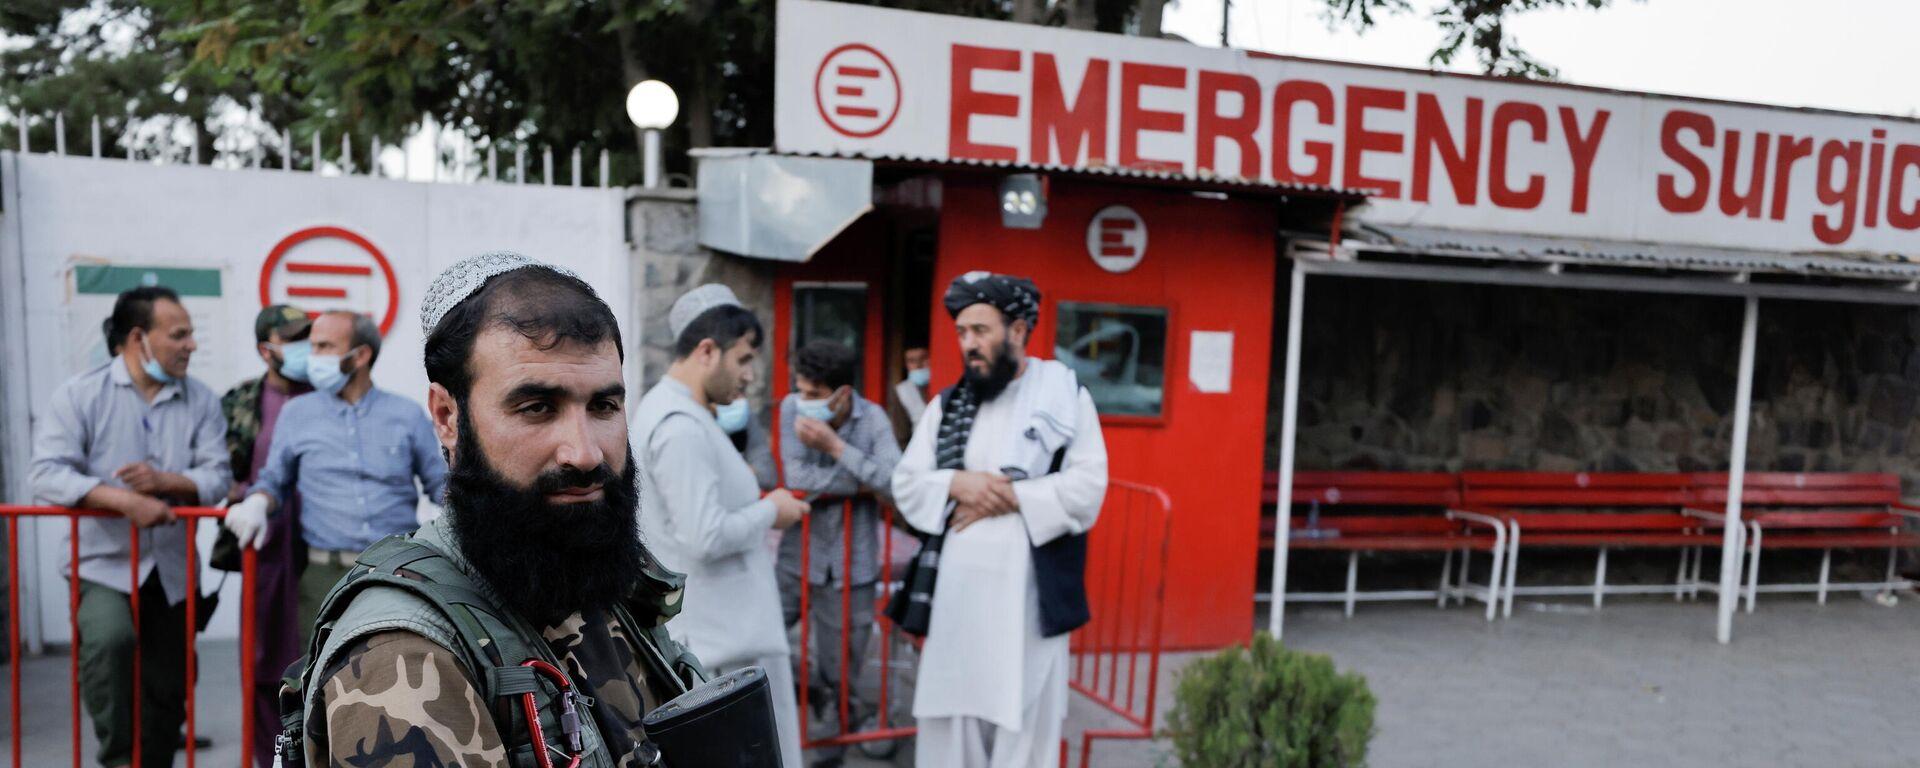 Hospital en Kabul, Afganistán - Sputnik Mundo, 1920, 04.10.2021